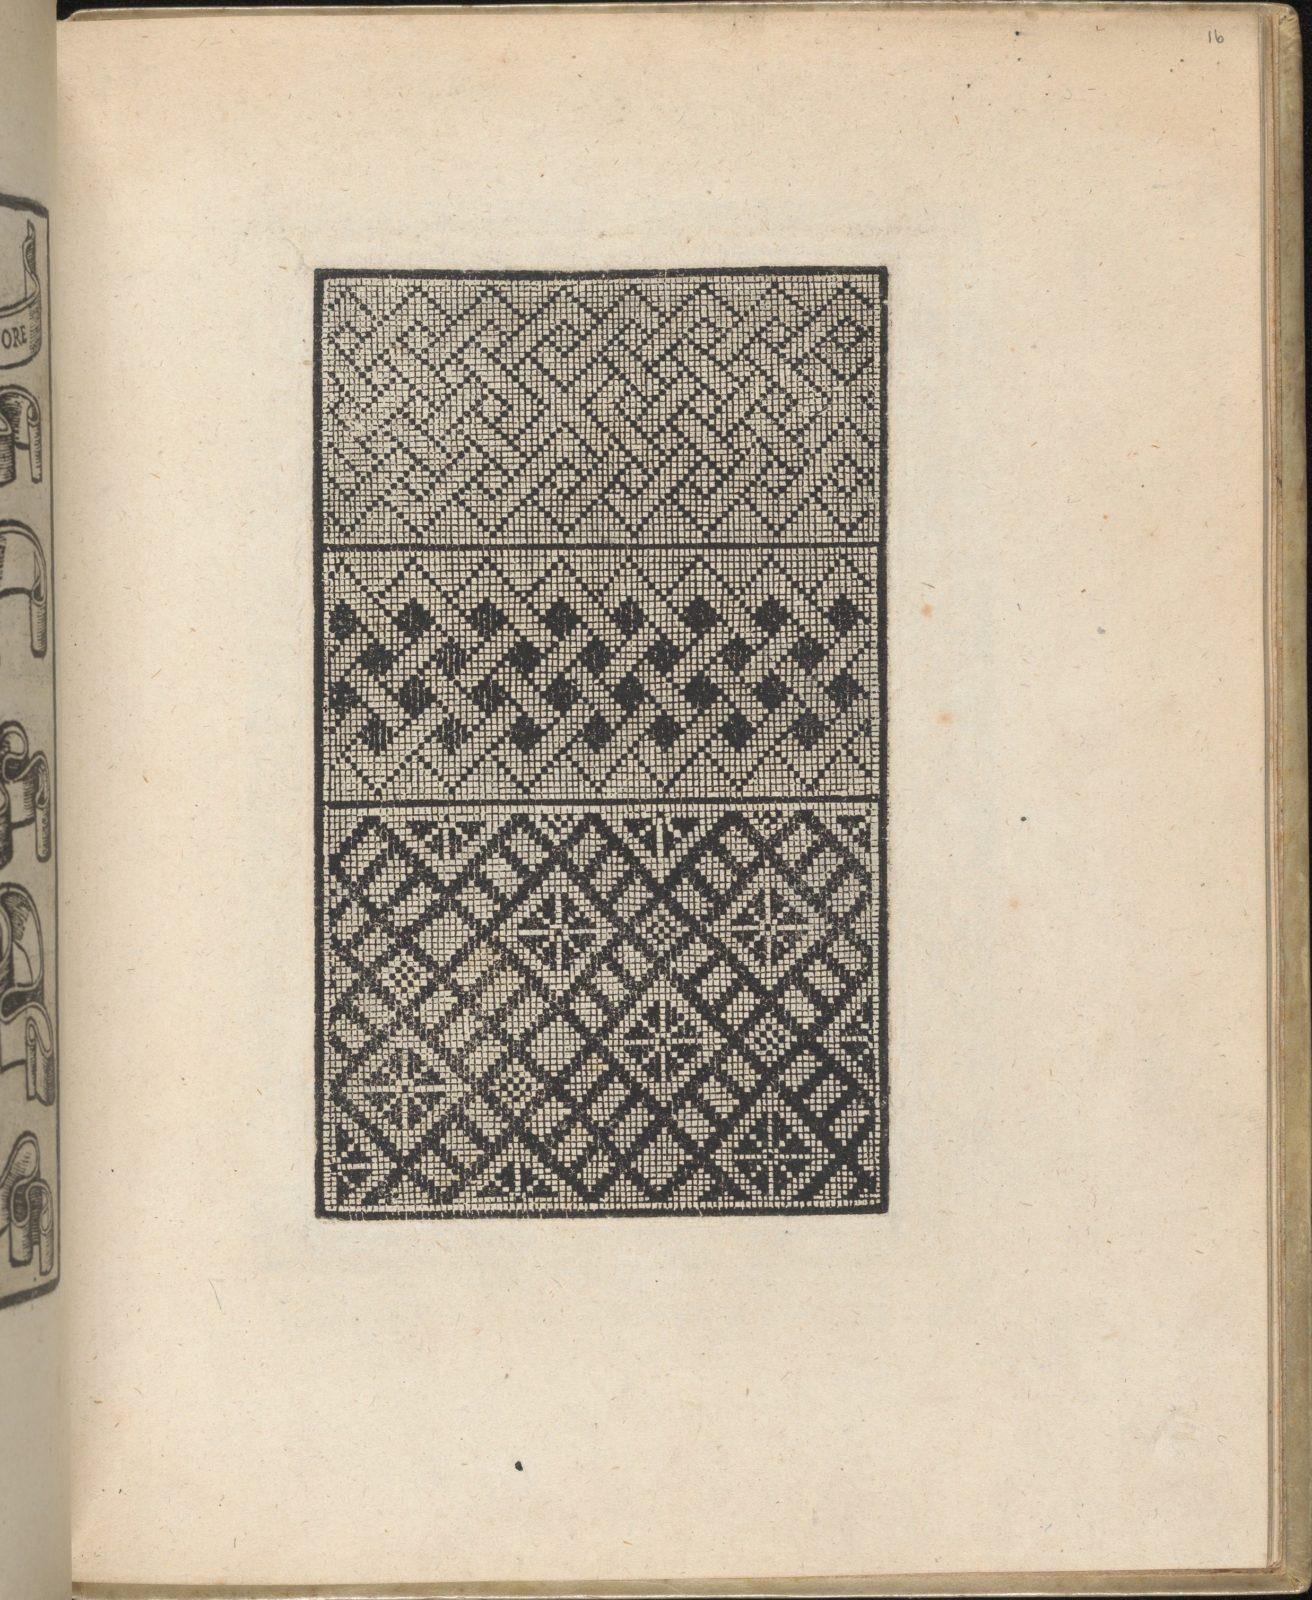 Trionfo Di Virtu. Libro Novo..., page 16 (verso)